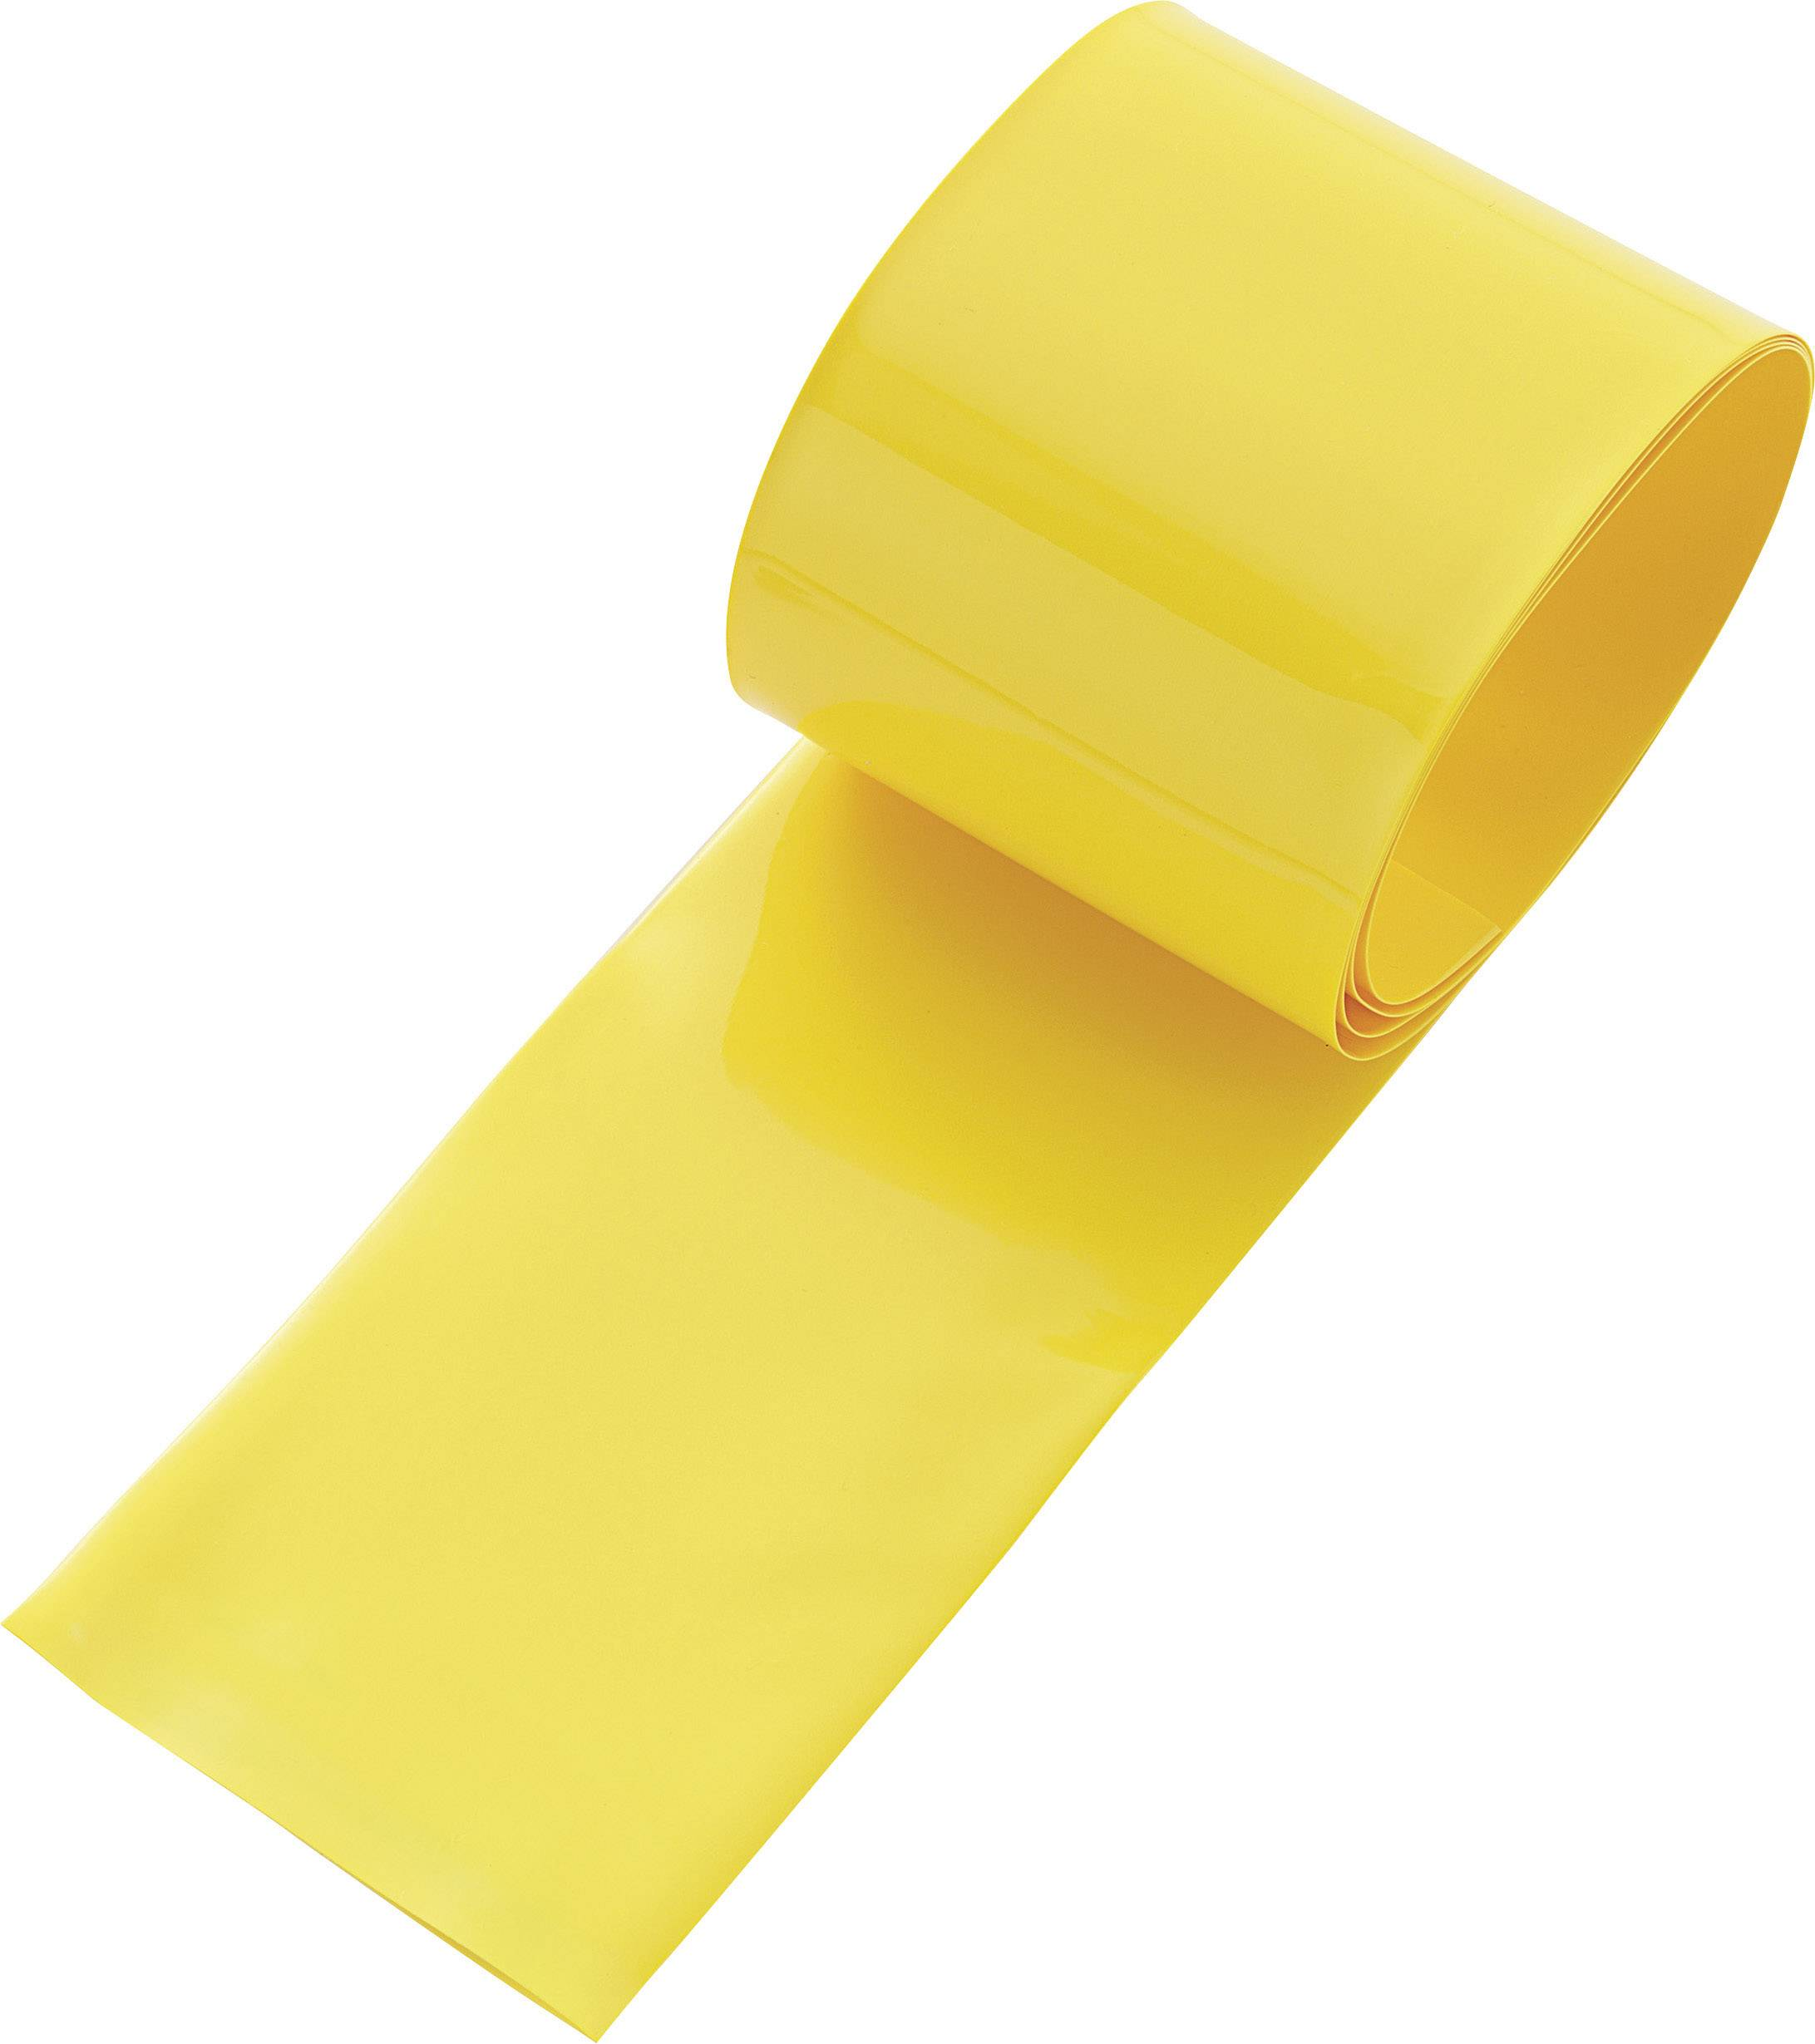 Zmršťovacia bužírka na akumulátory, bez lepidla TRU COMPONENTS 93014c85d, 55 mm, žltá, 1 ks